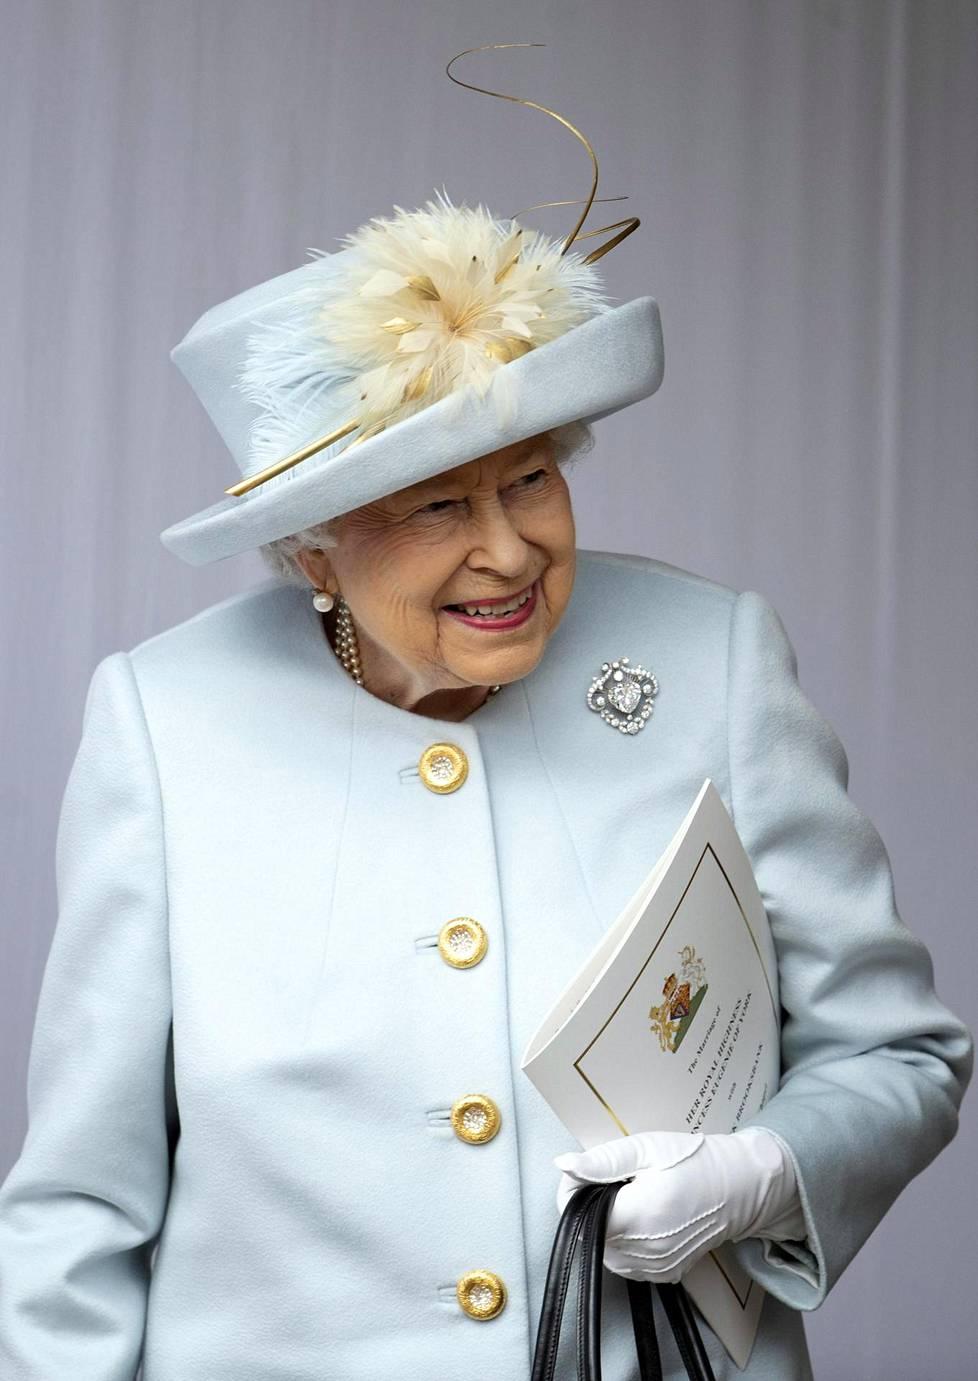 Kuningatar Elisabet vaikutti olevan hyvin onnellinen lapsenlapsensa prinsessa Eugenien avioliitosta. Eugenie on kunigattaren pojan prinssi Andrew'n tytär.